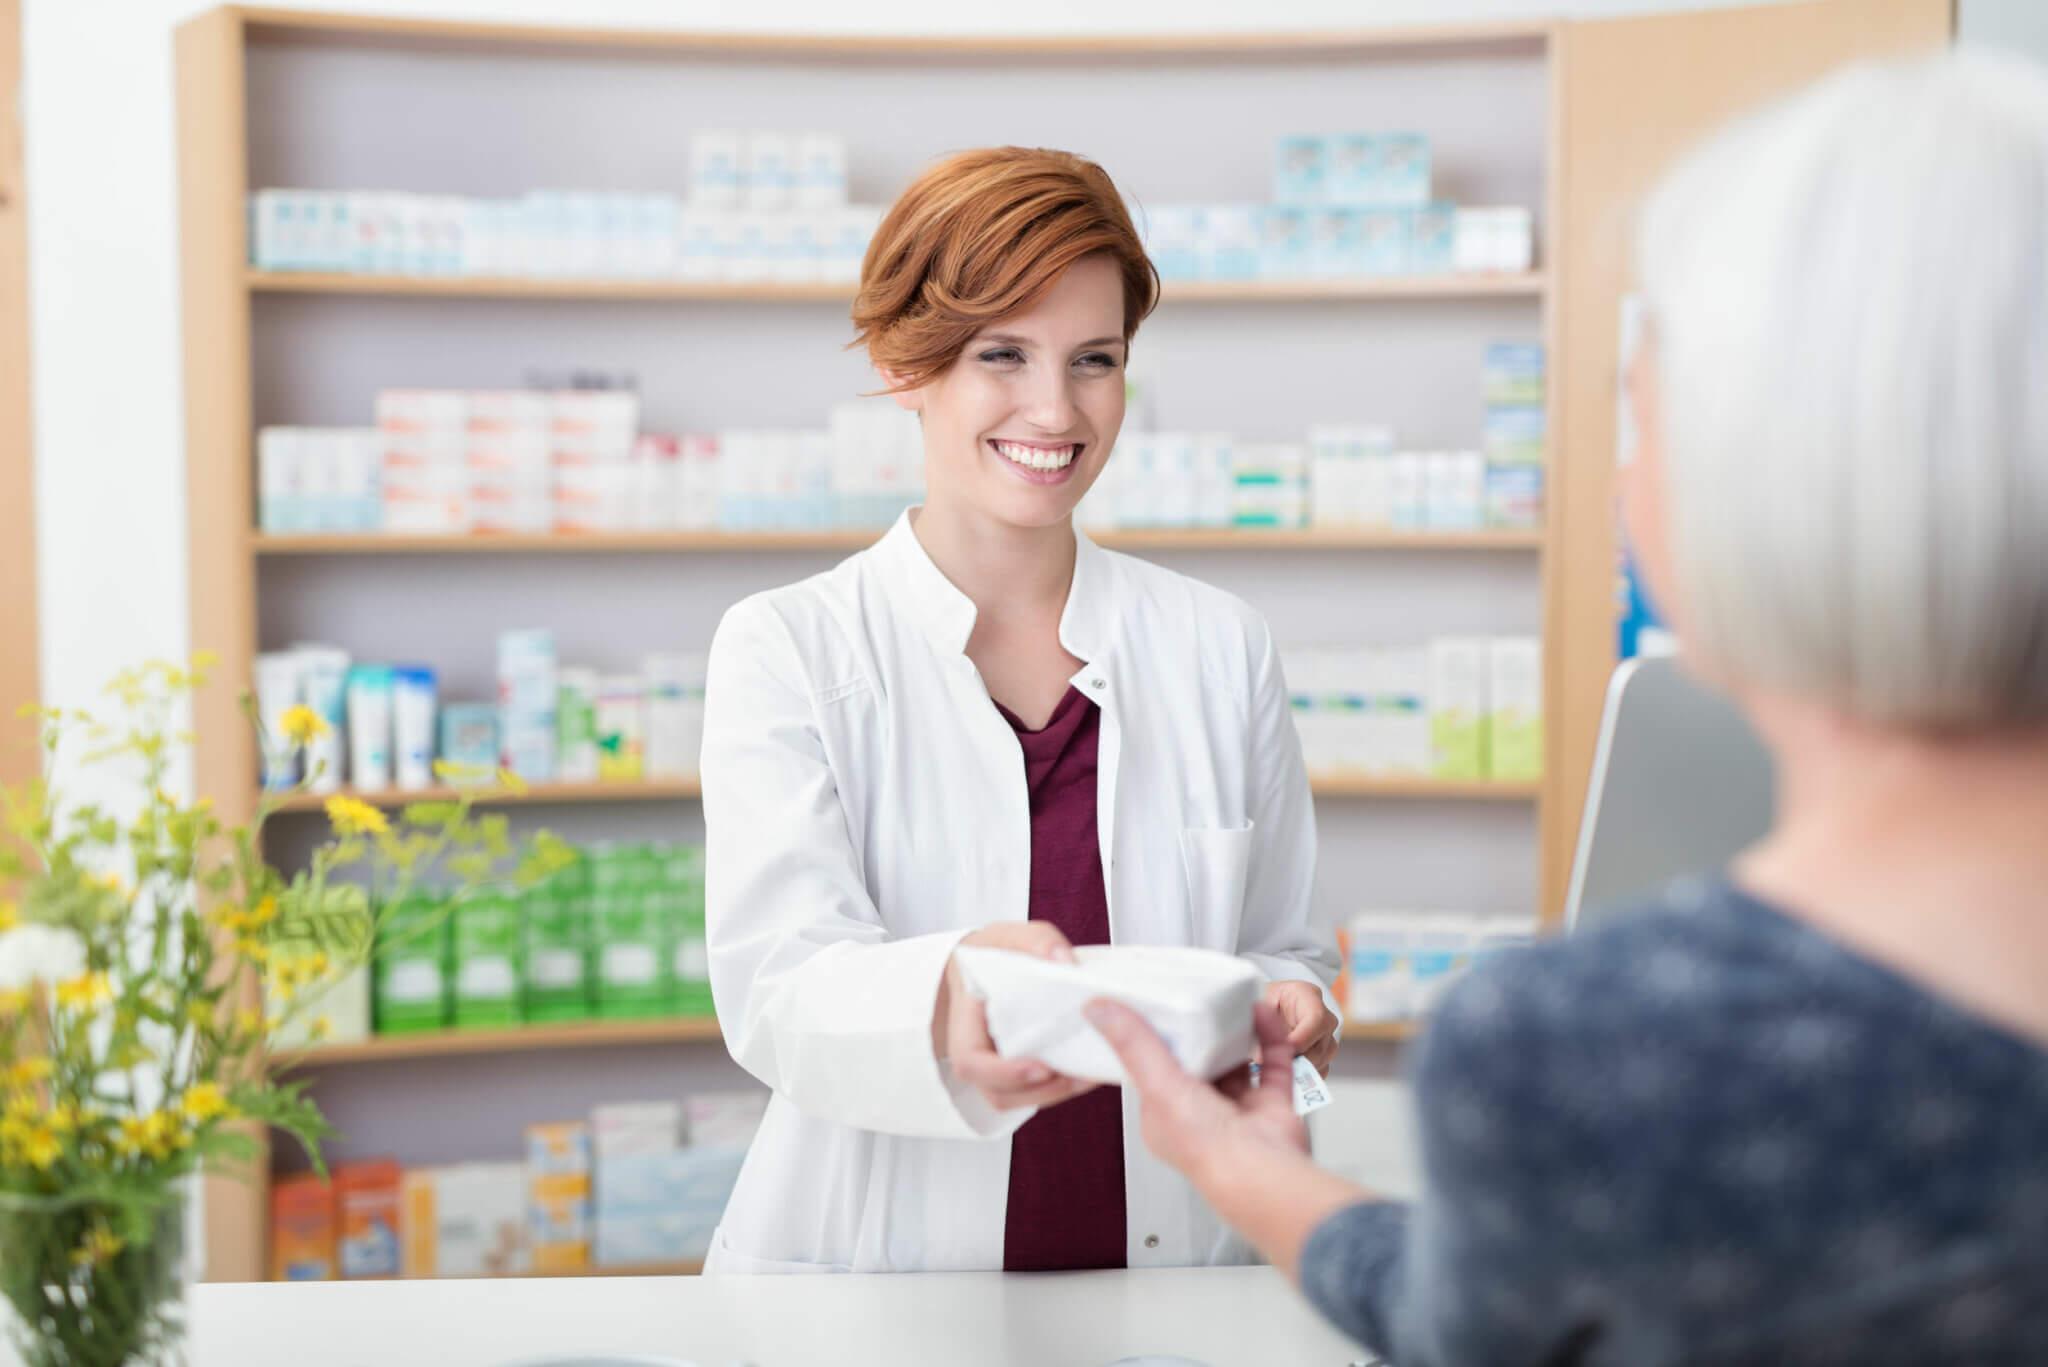 Adquirir medicamentos de receta libre permite reducir los riesgos de la automedicación.